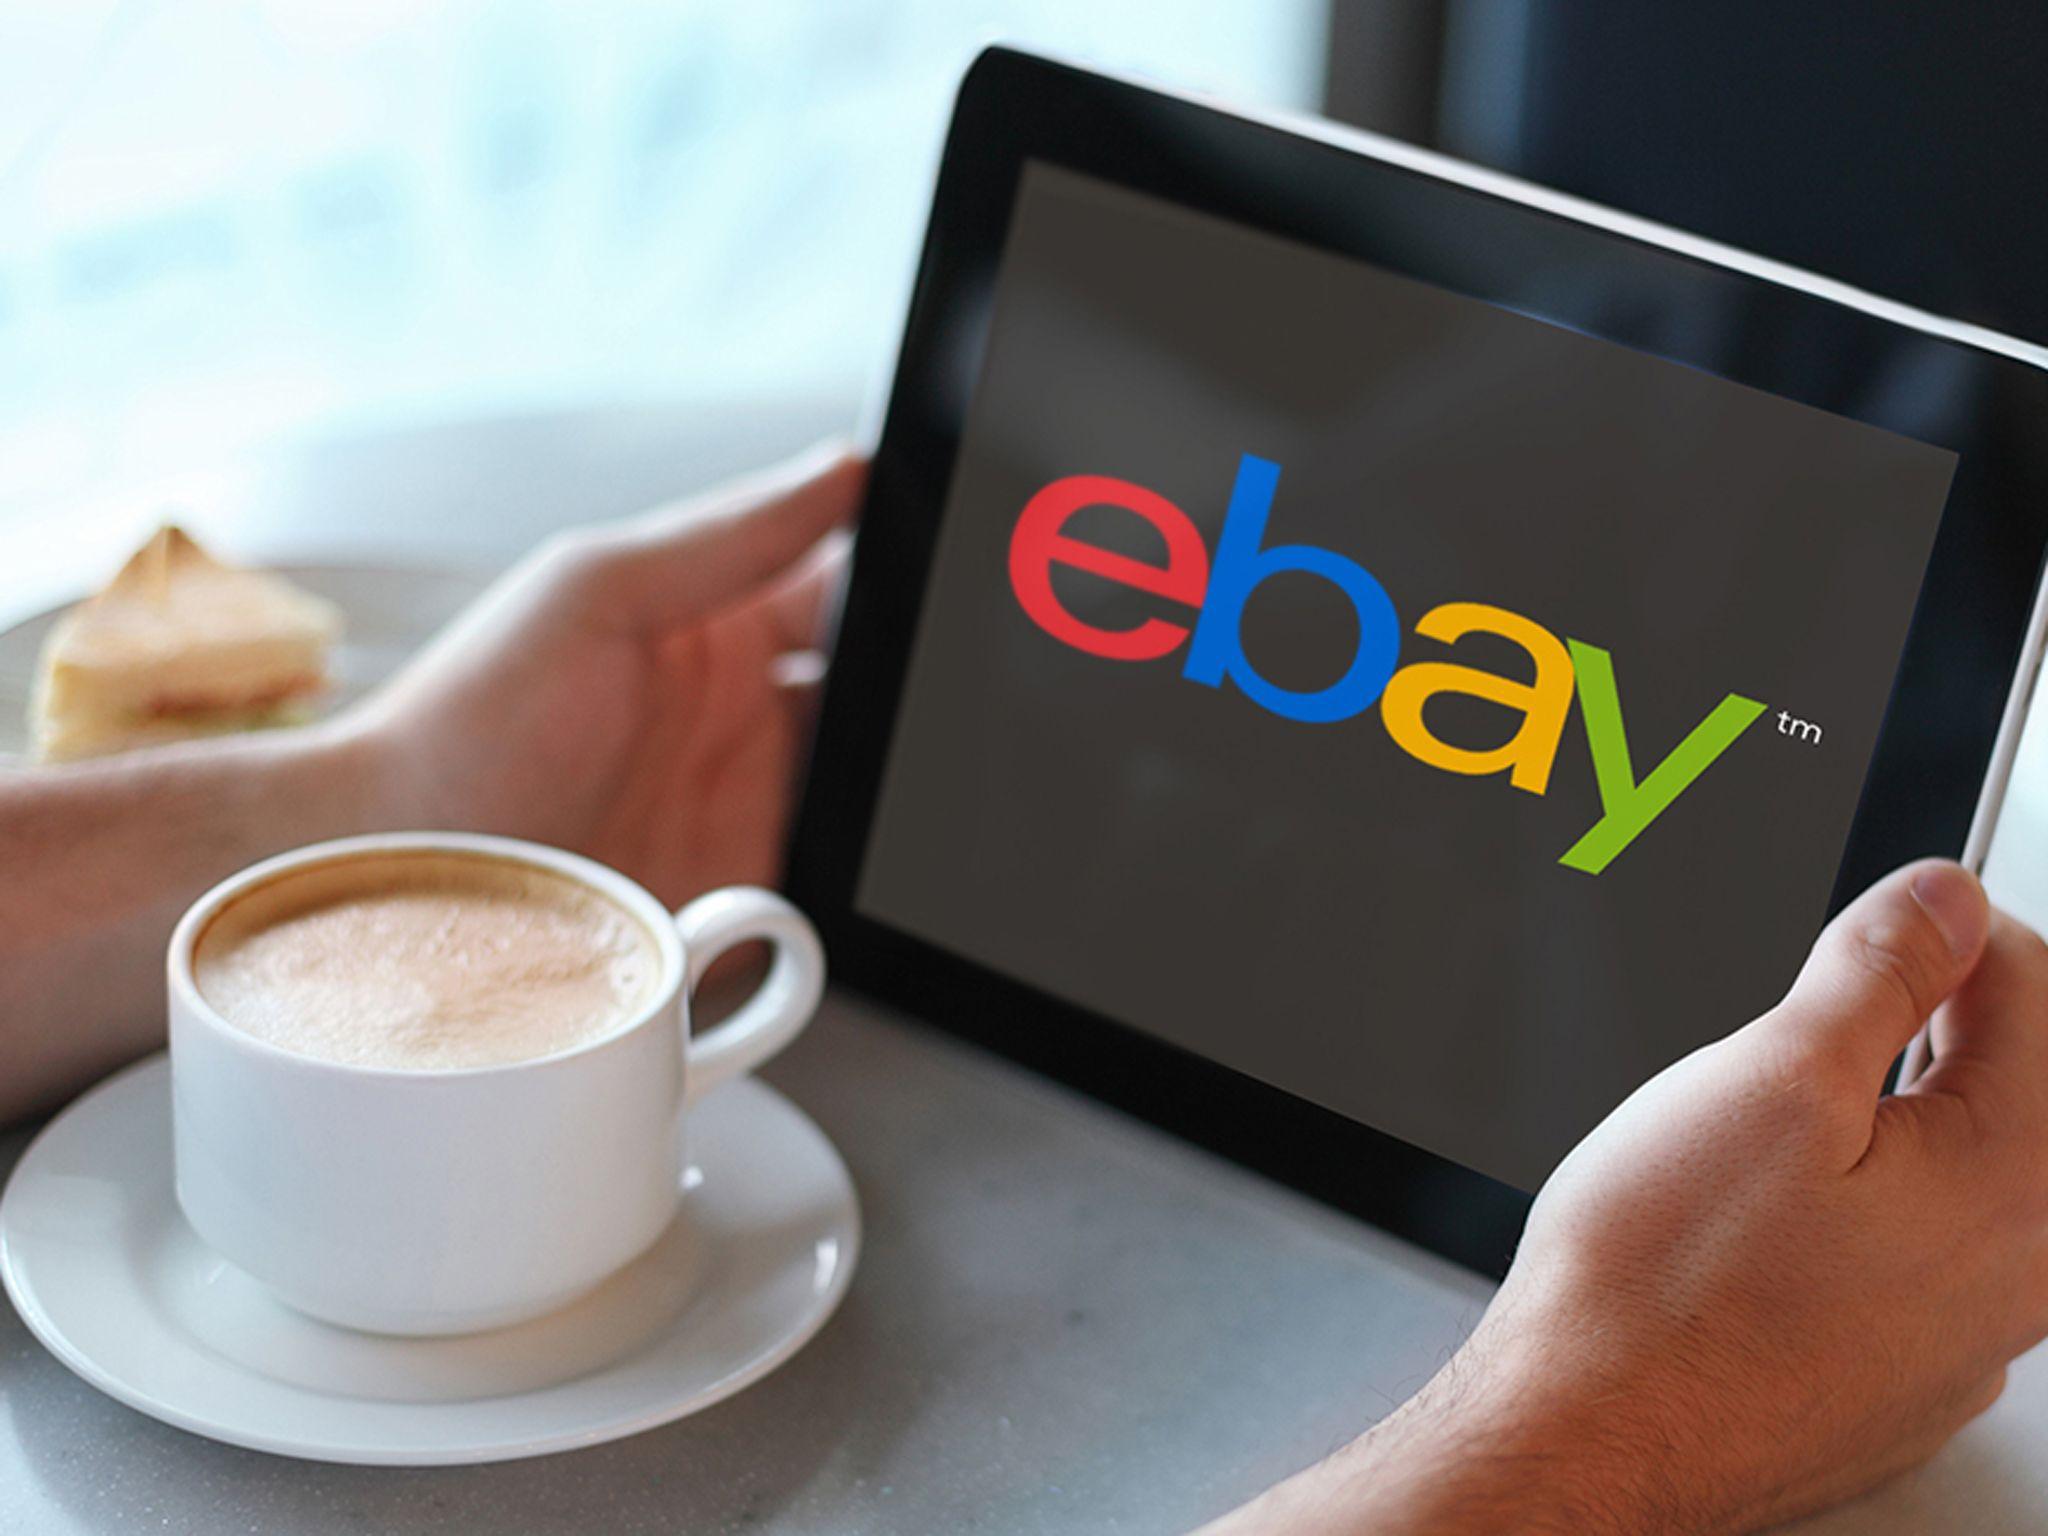 初心者向け ebayとは何 無在庫や転売での稼ぎ方まで解説